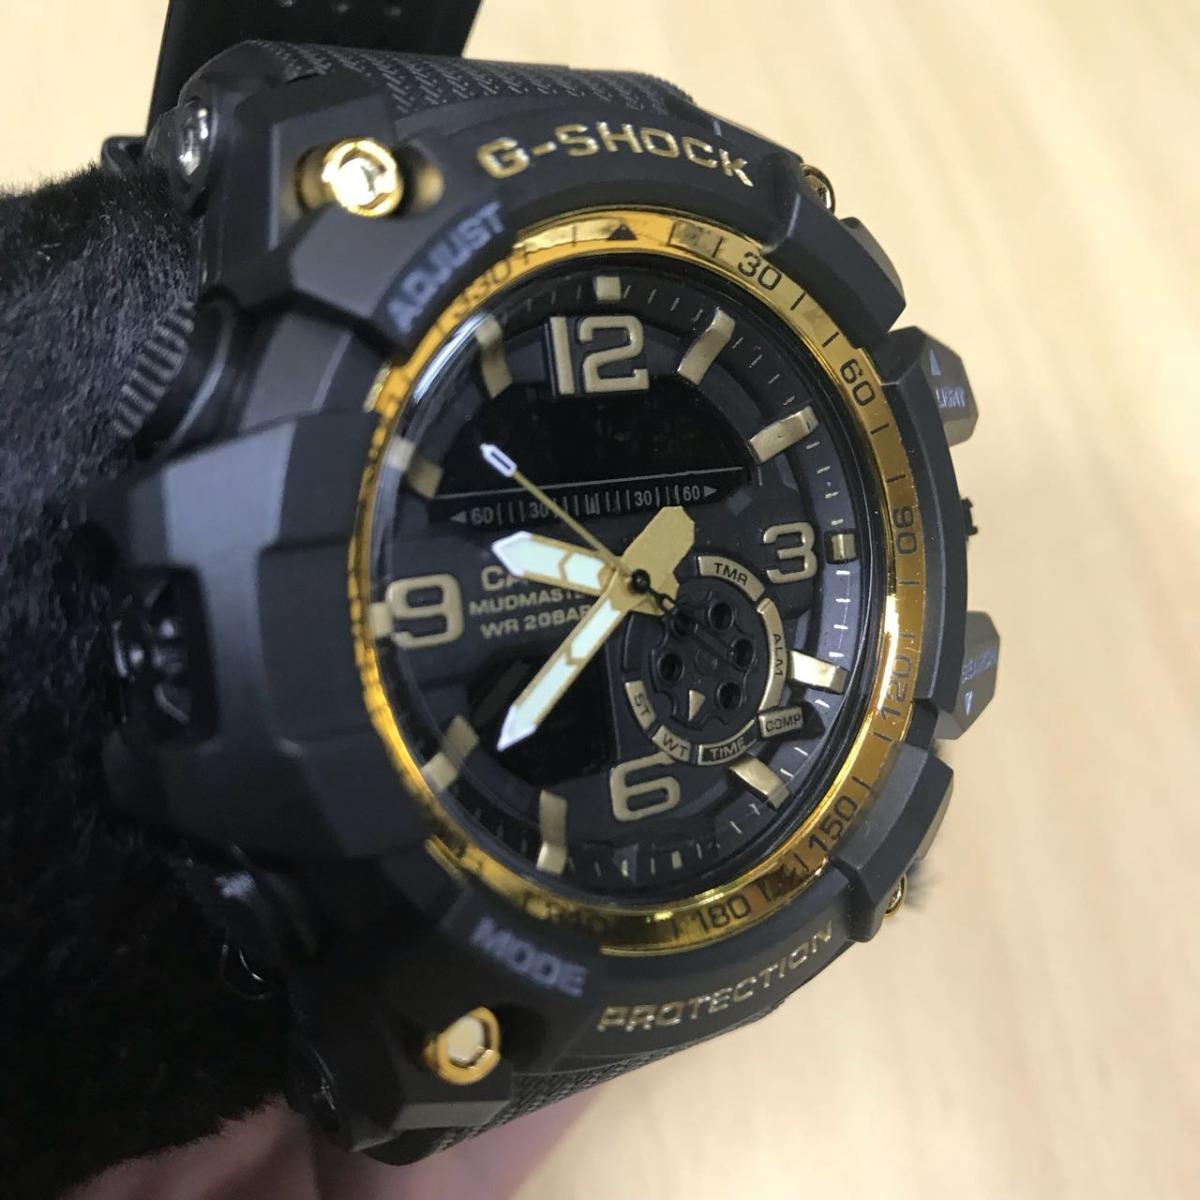 94deb75b1a4 Relógio De Pulso Masculino Á Prova D´água Promoção 24 Horas - R  95 ...